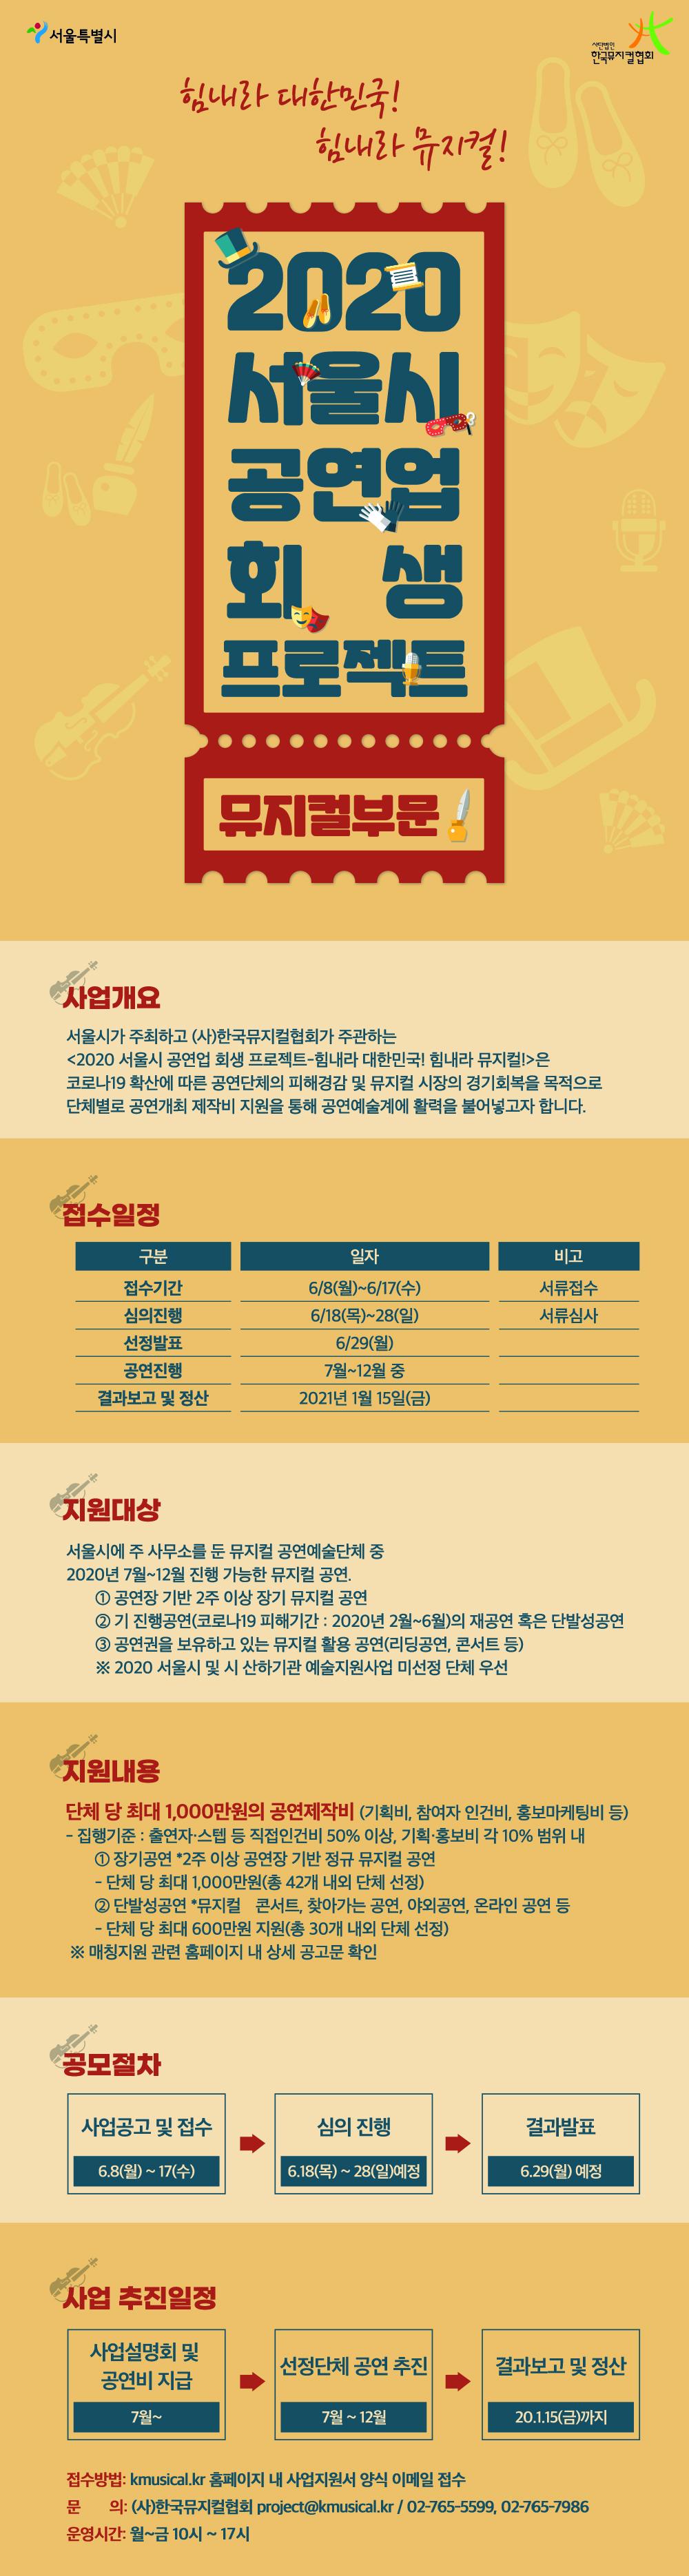 한뮤협공연업5.jpg